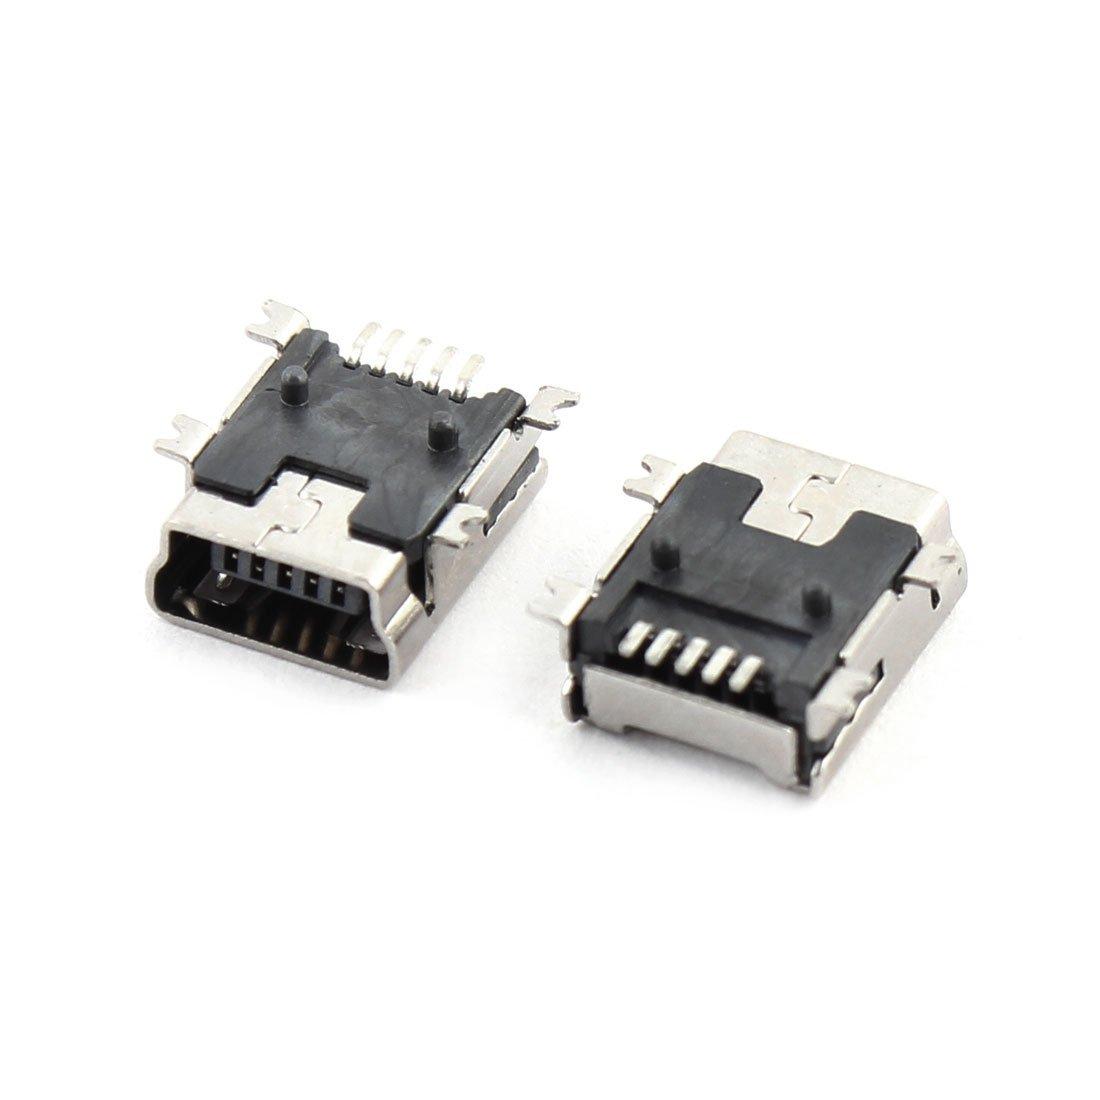 Amazon.com: eDealMax 100pcs tipo B Mini USB DE 5 Pines hembra del zócalo de gato Conector Para el teléfono: Electronics